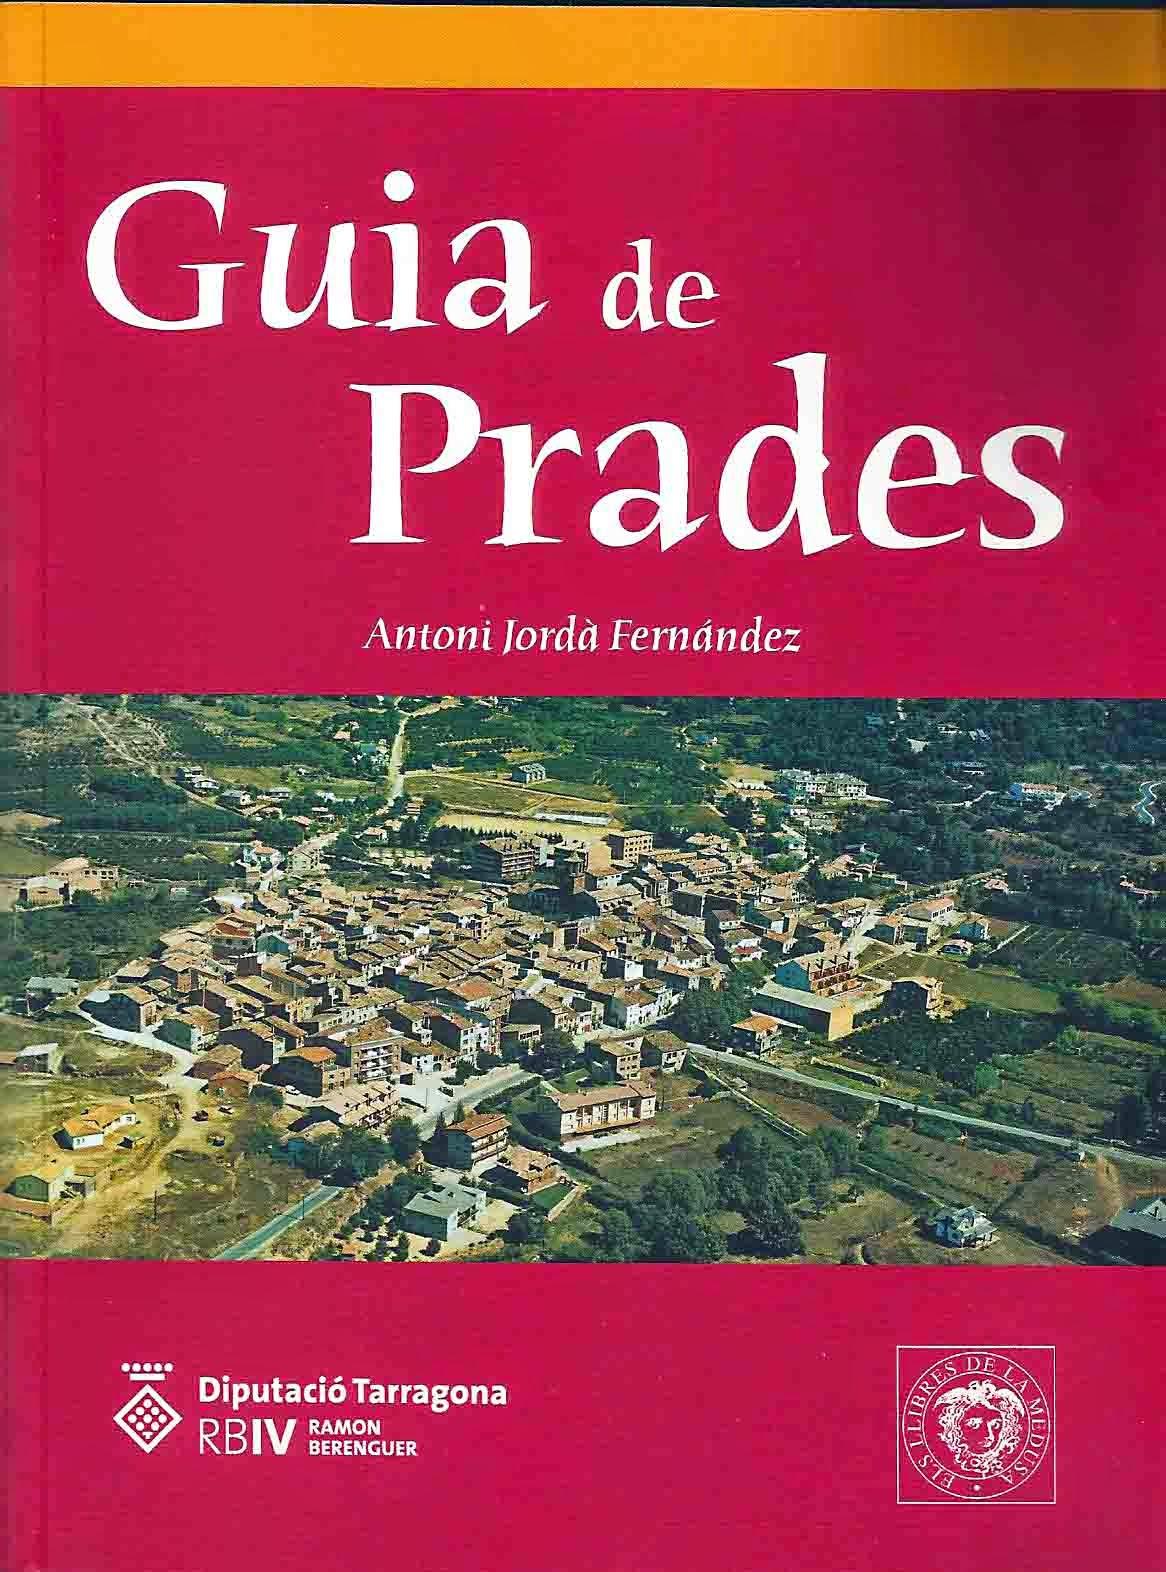 Guia de Prades.